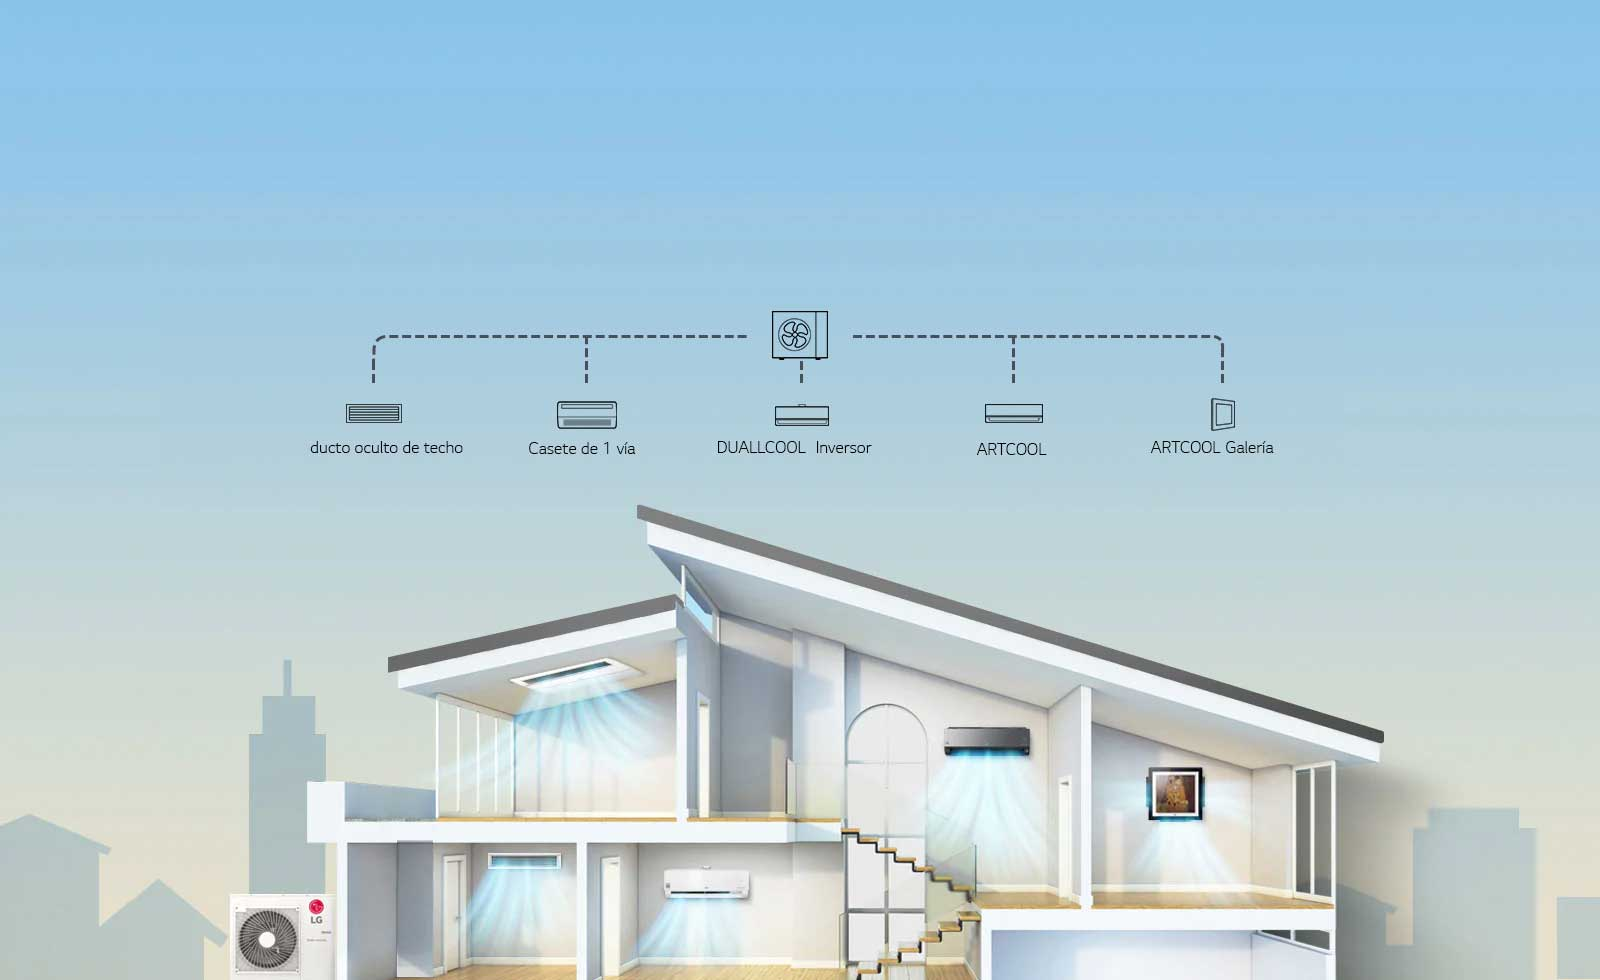 Confira como funciona o ar-condicionado LG Multi Split (Imagem: Divulgação/LG)